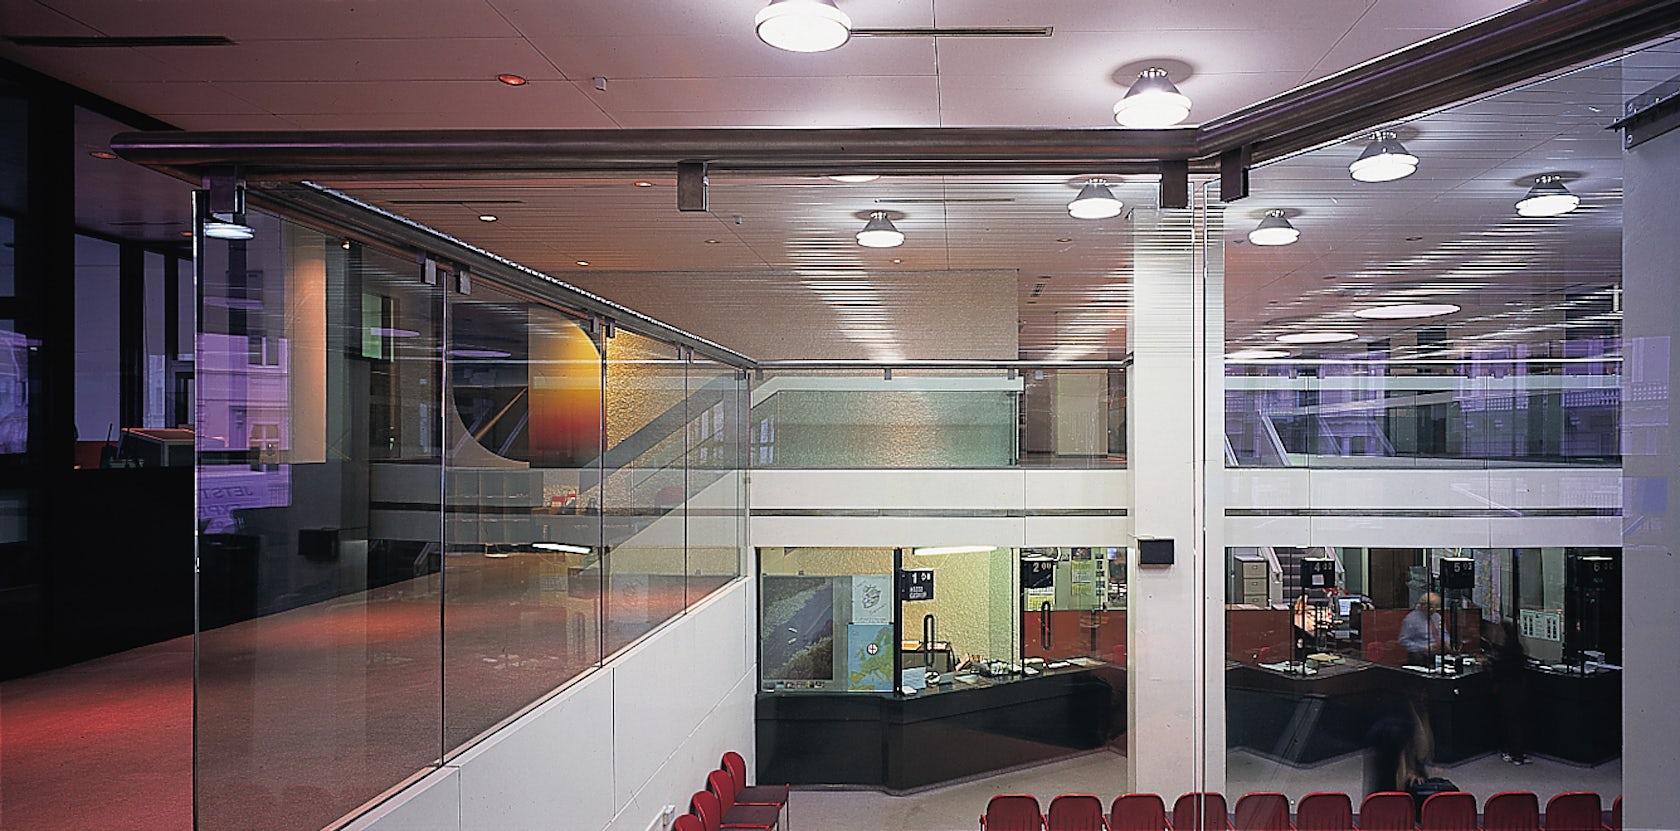 german embassy london visa section architizer. Black Bedroom Furniture Sets. Home Design Ideas